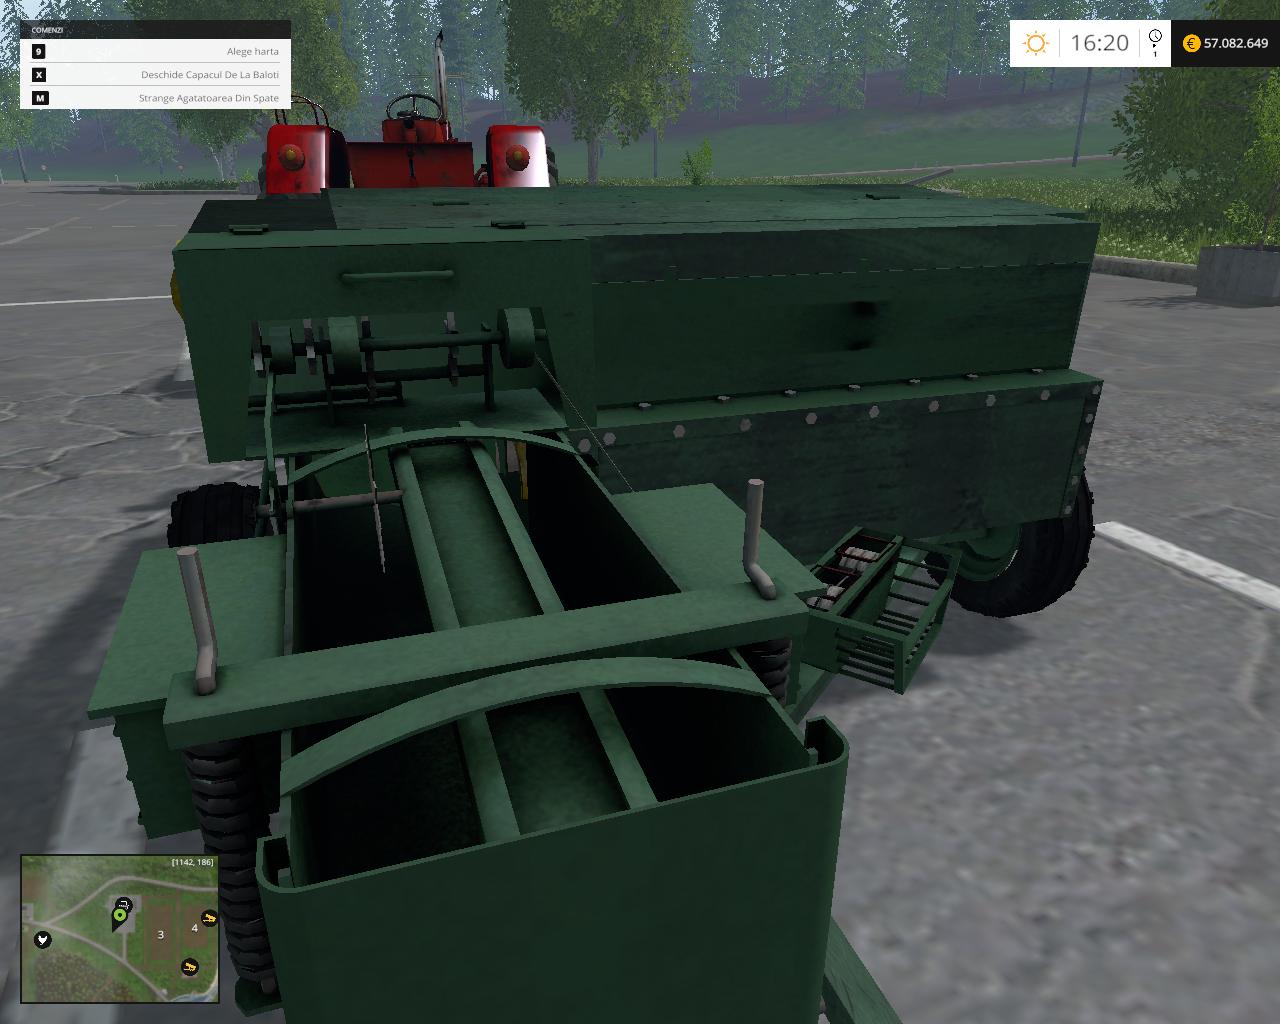 Baller- Balotiera Romaneasca - Farming simulator modification